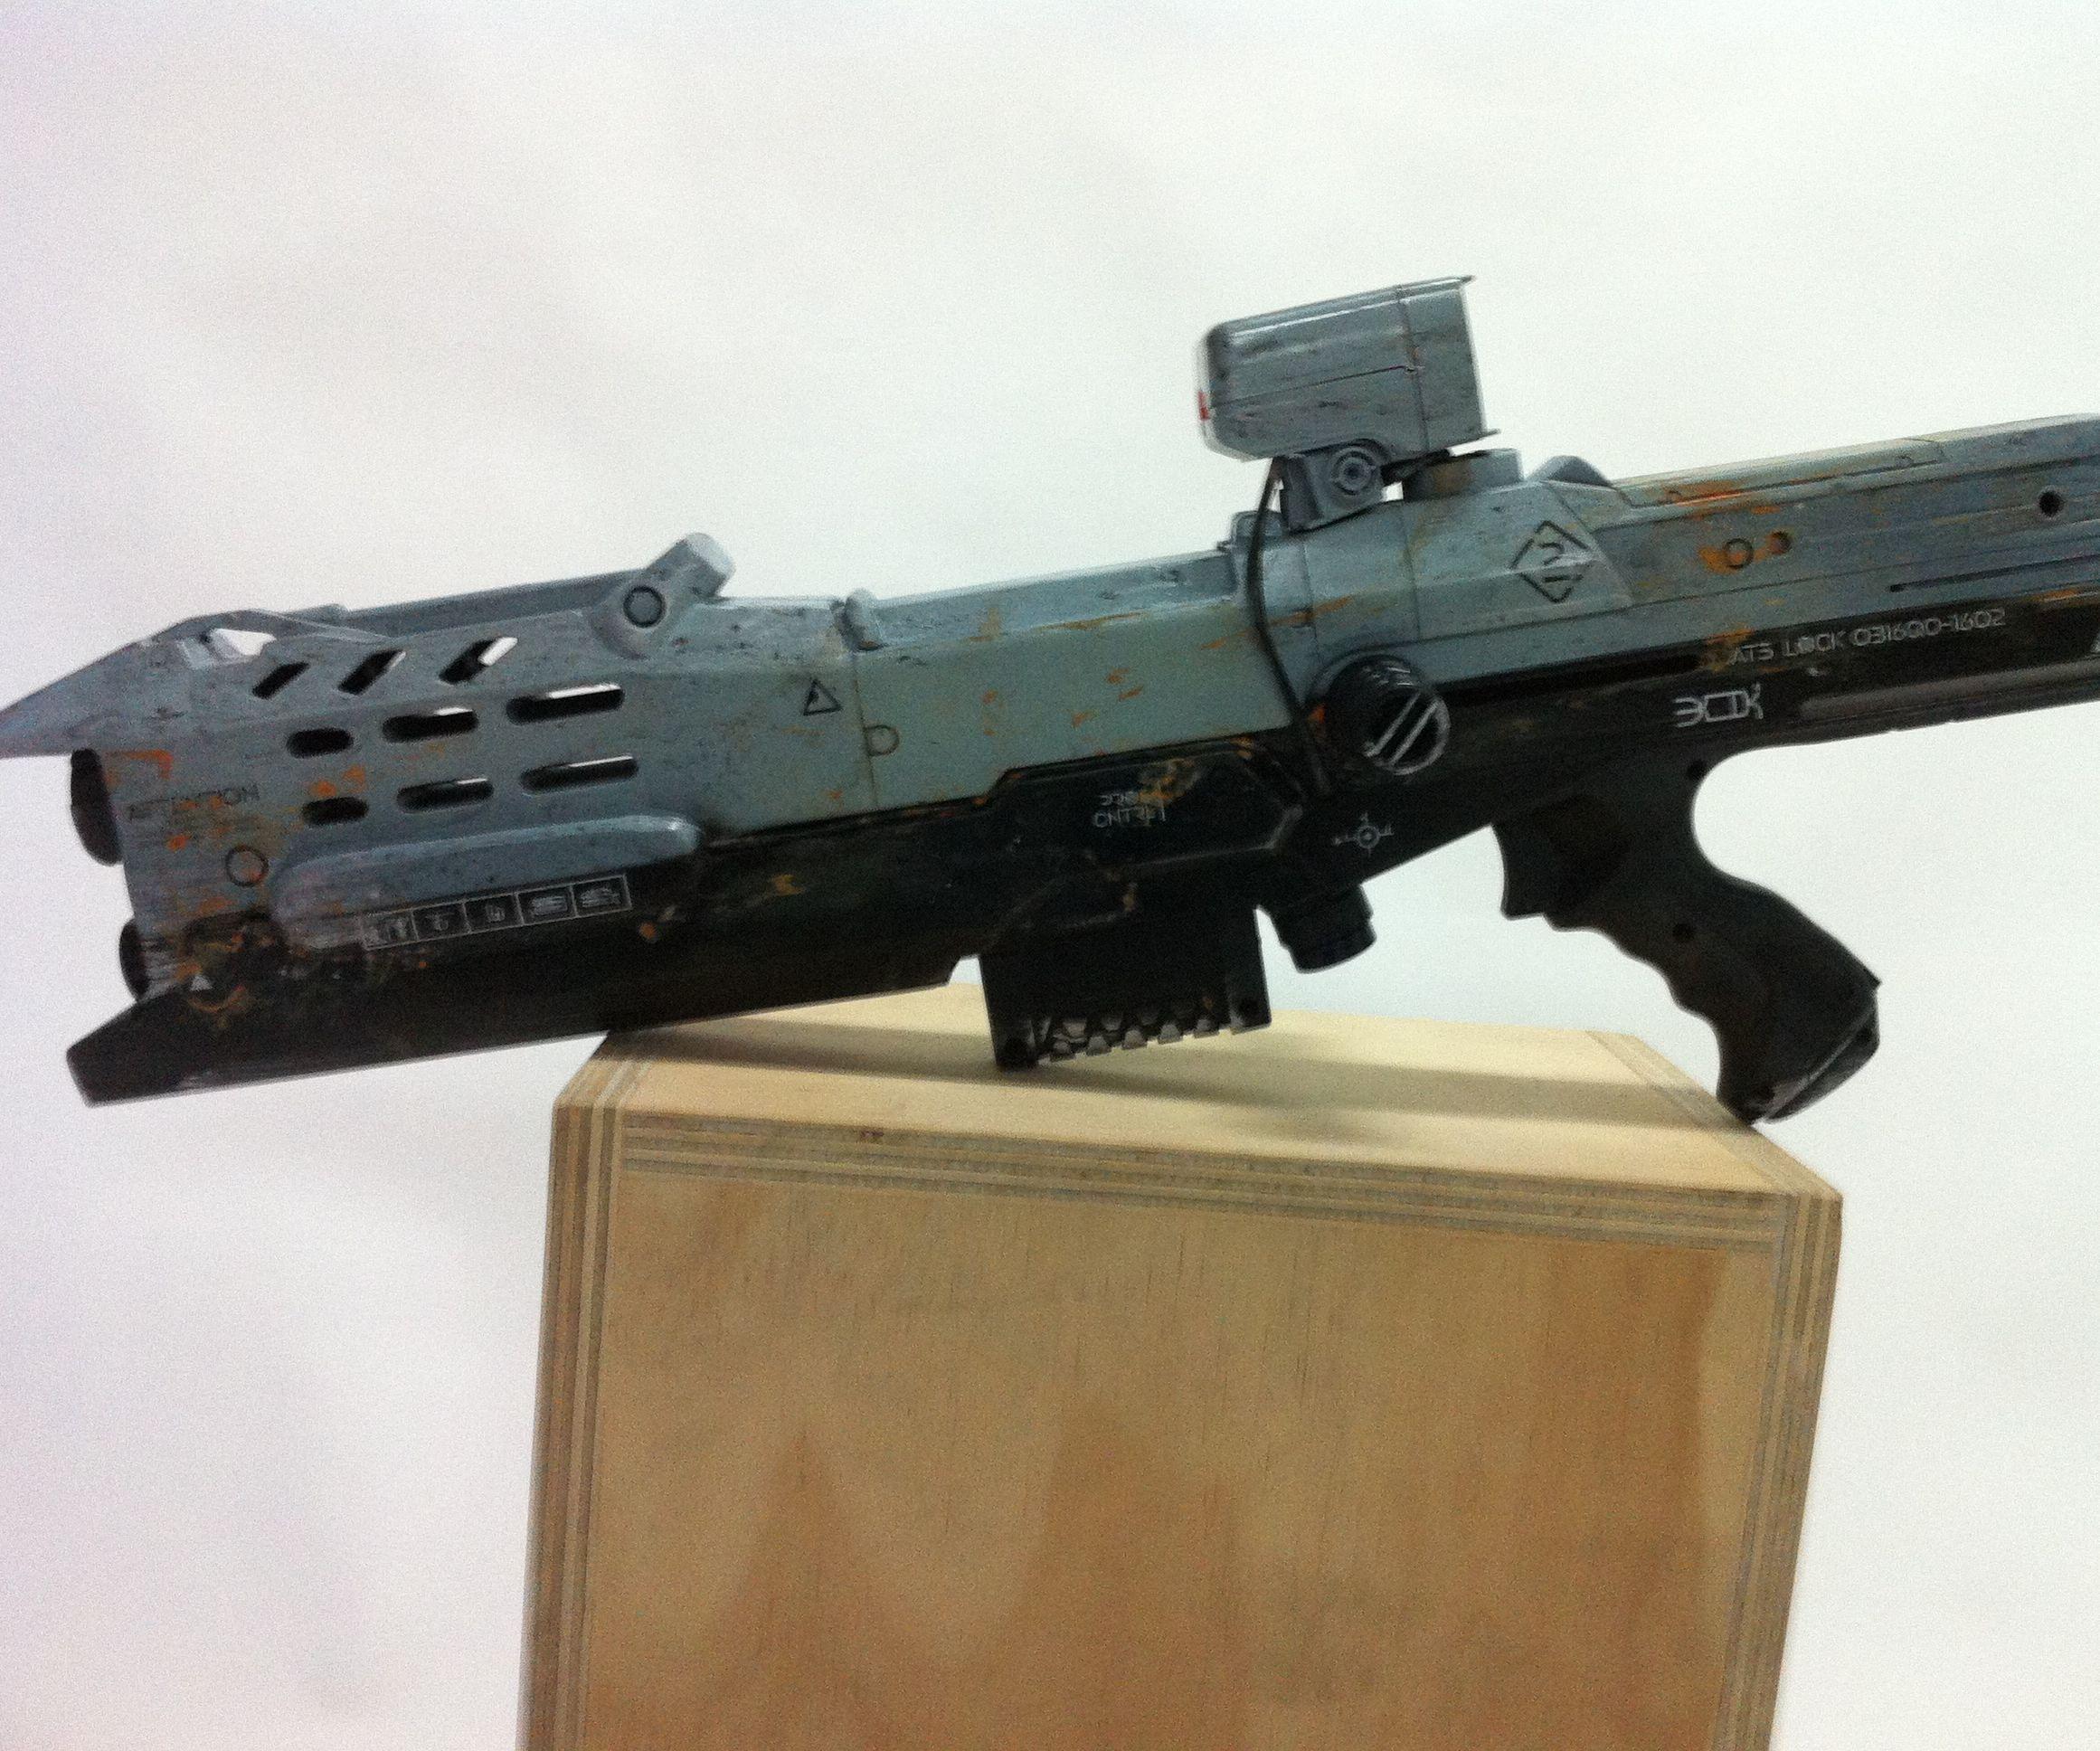 Oblivion inspired Nerf prop